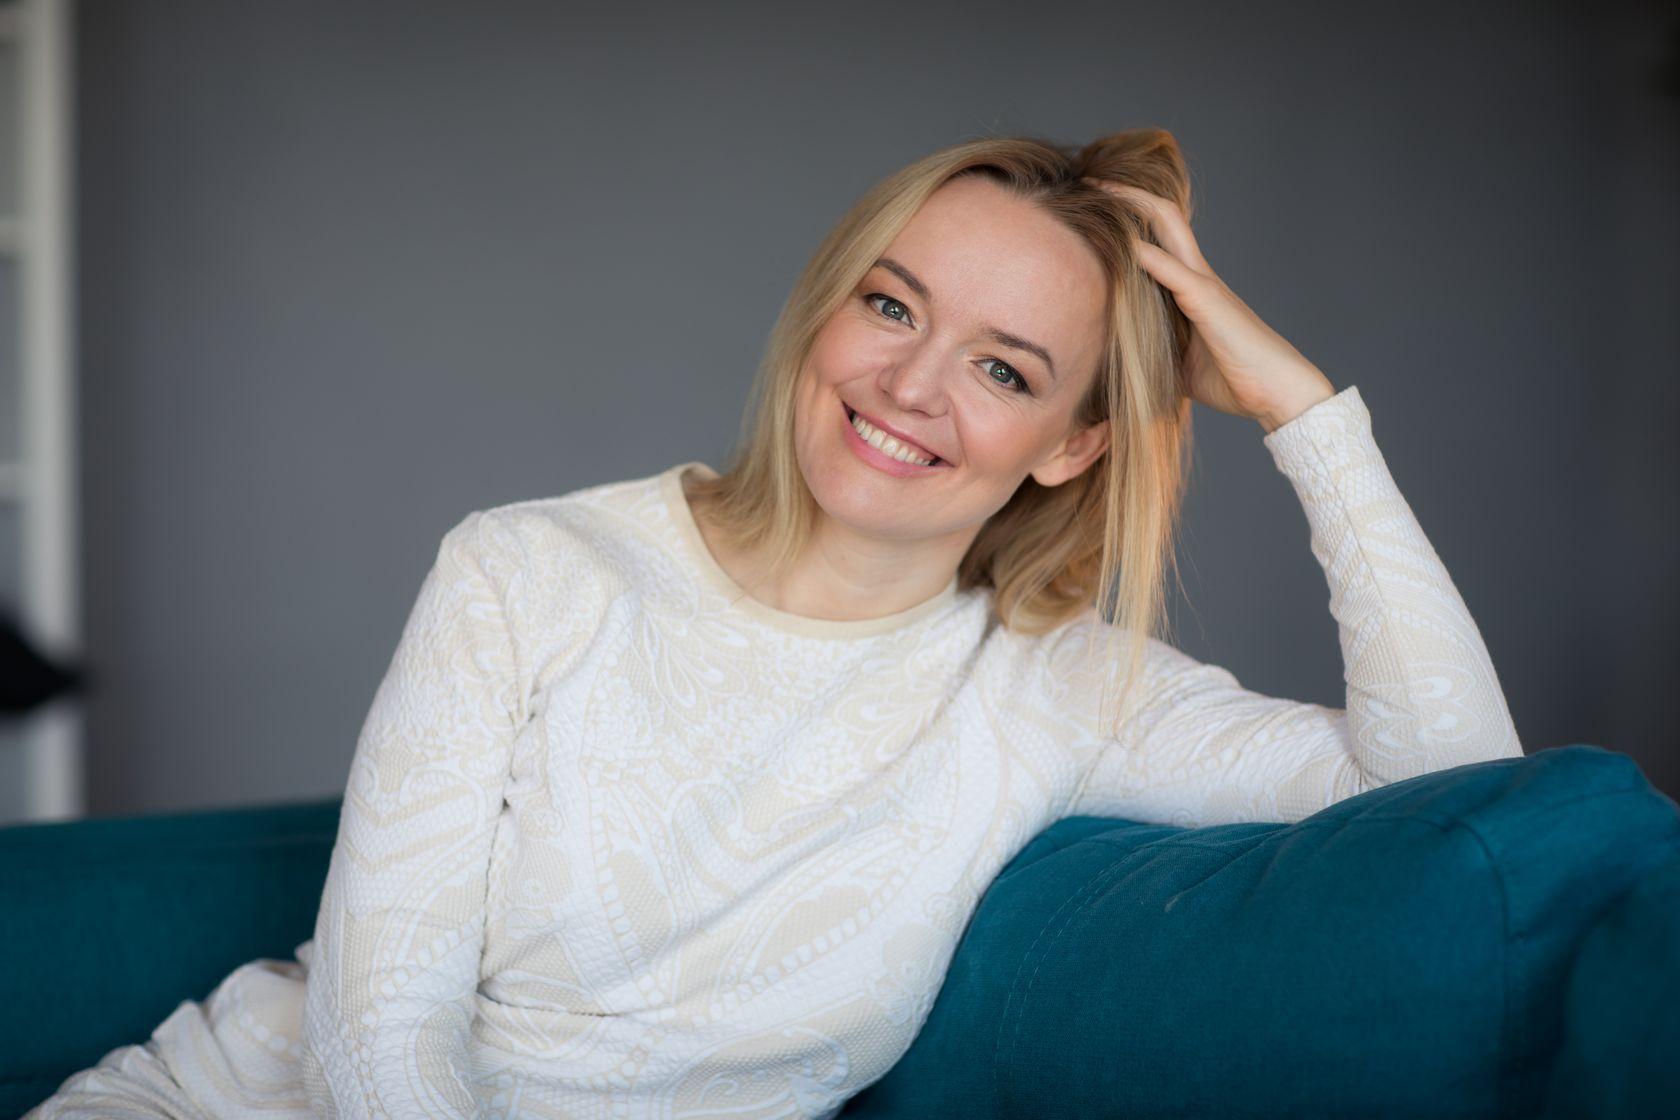 Основательница предпринимательской группы Websarafan Таисия Кудашкина